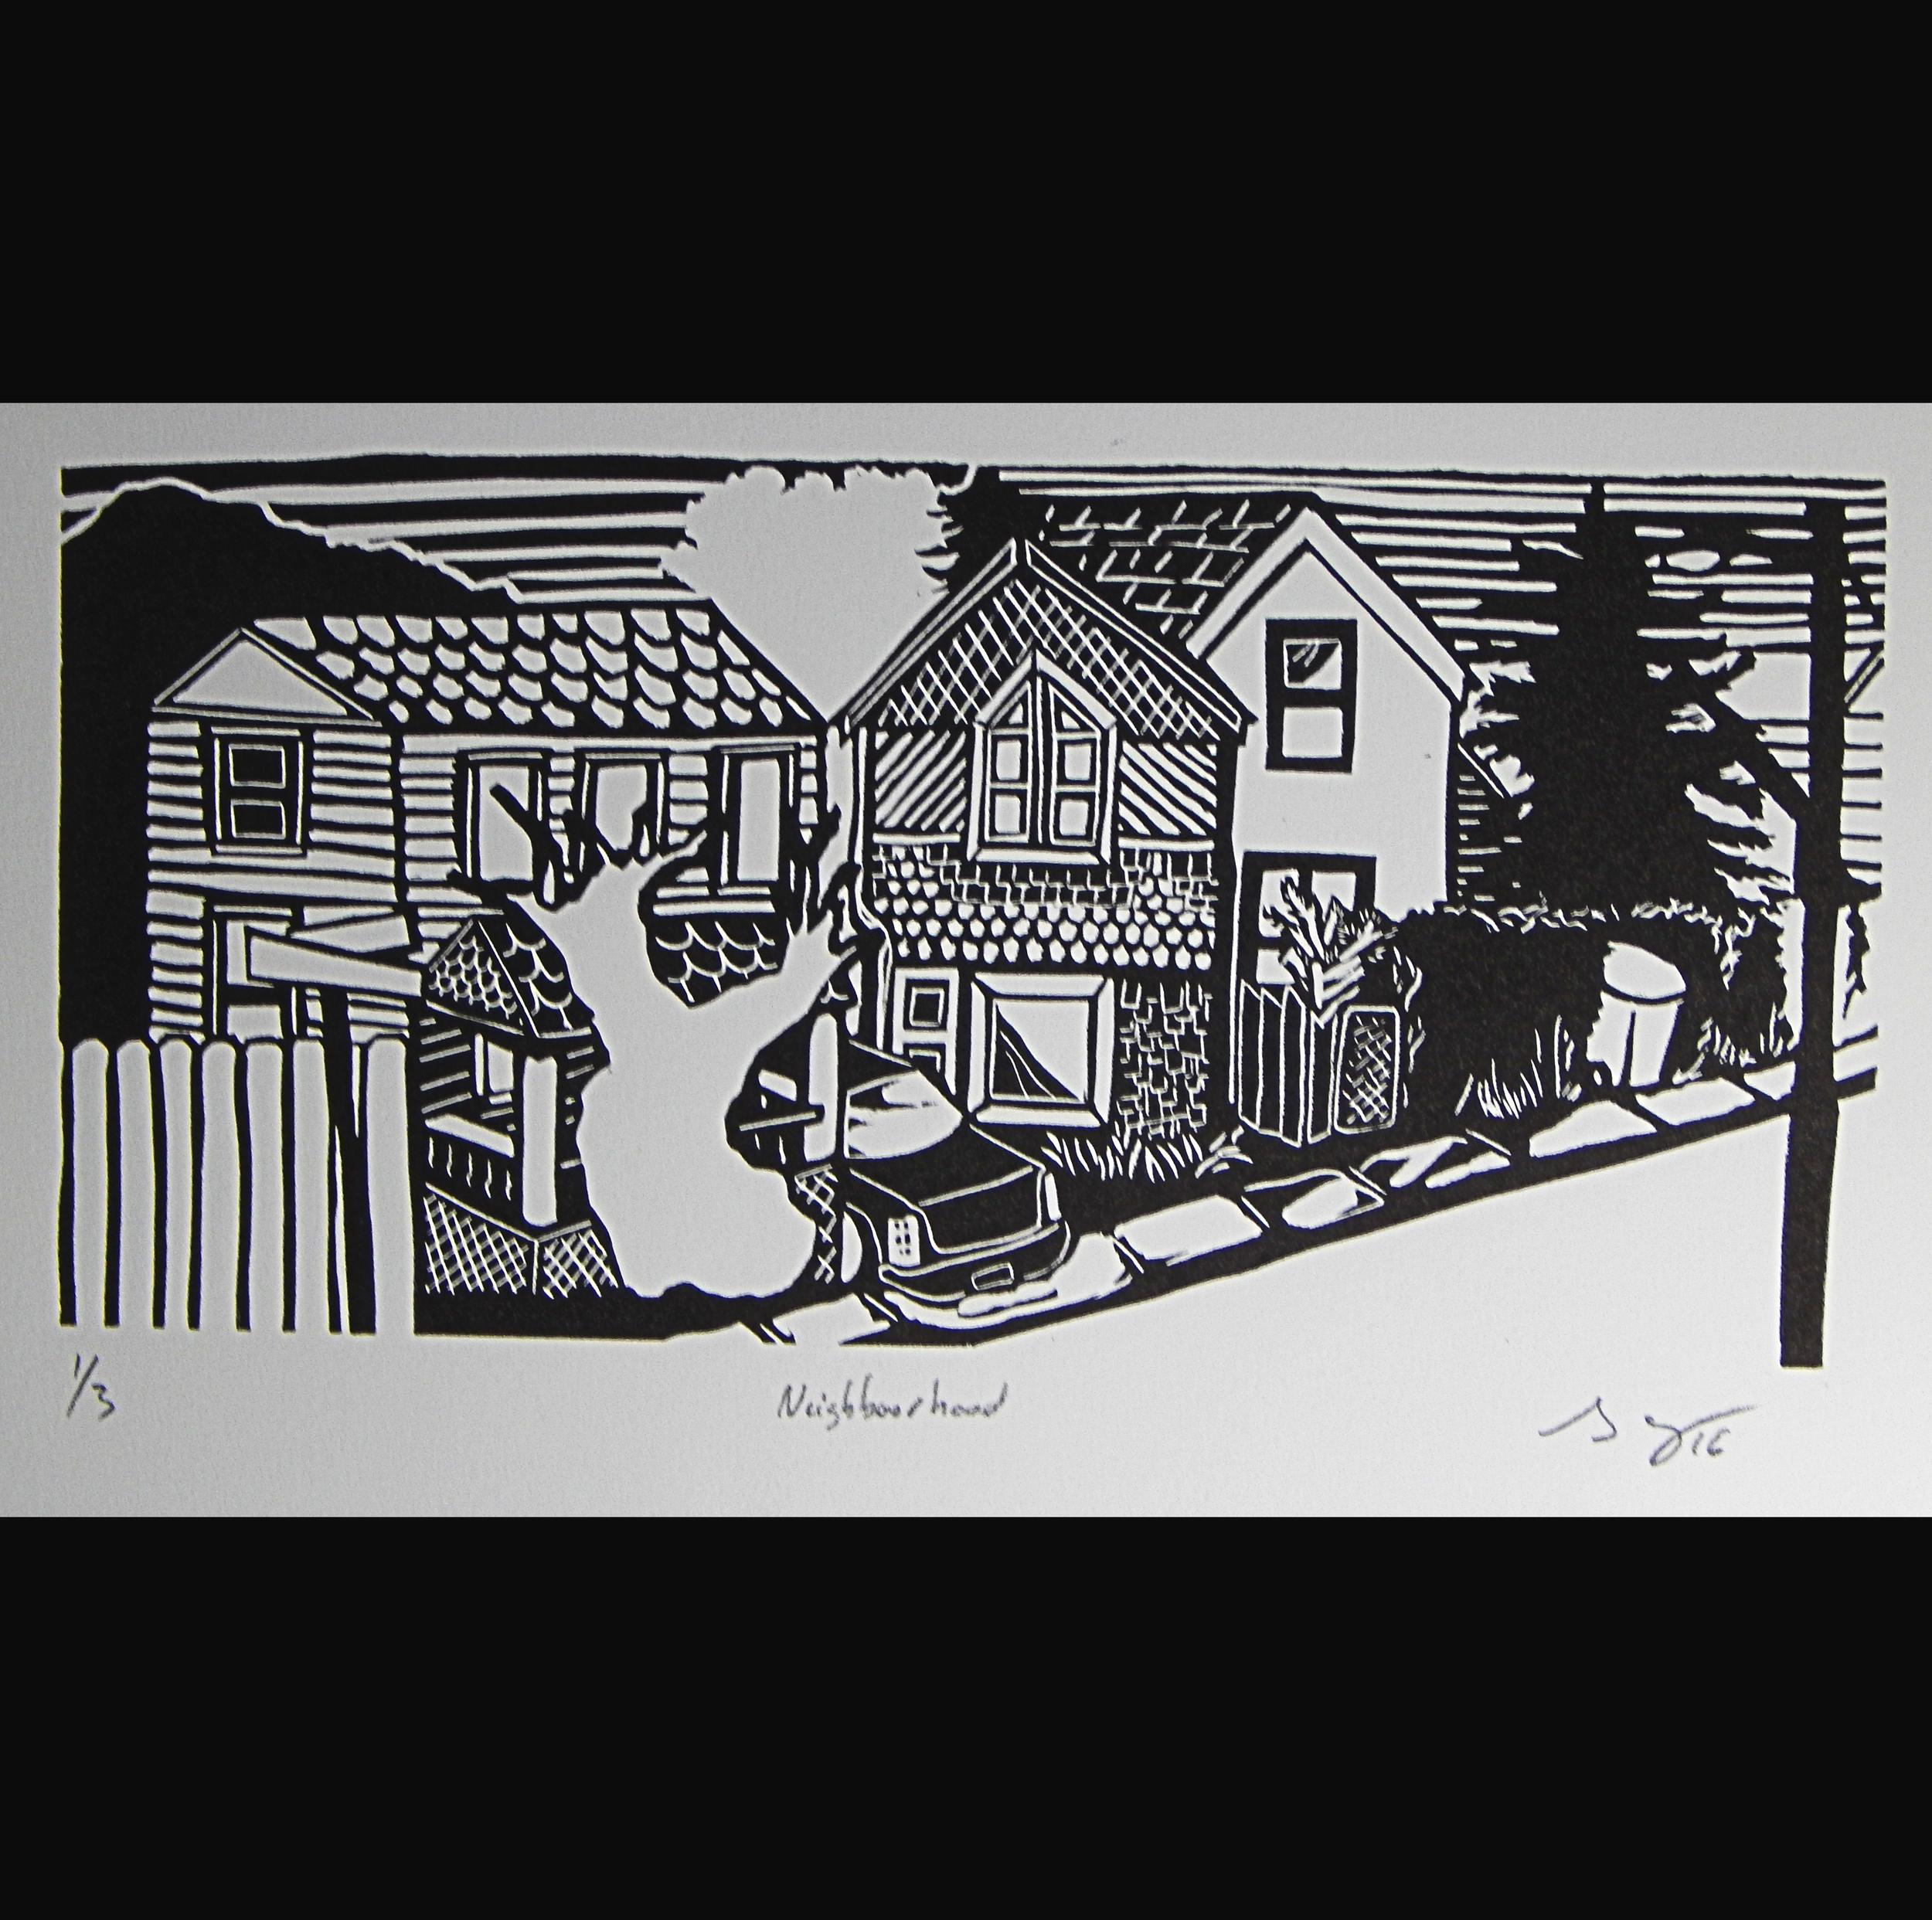 Neighborhood, lino cut, 2016, 4x9in